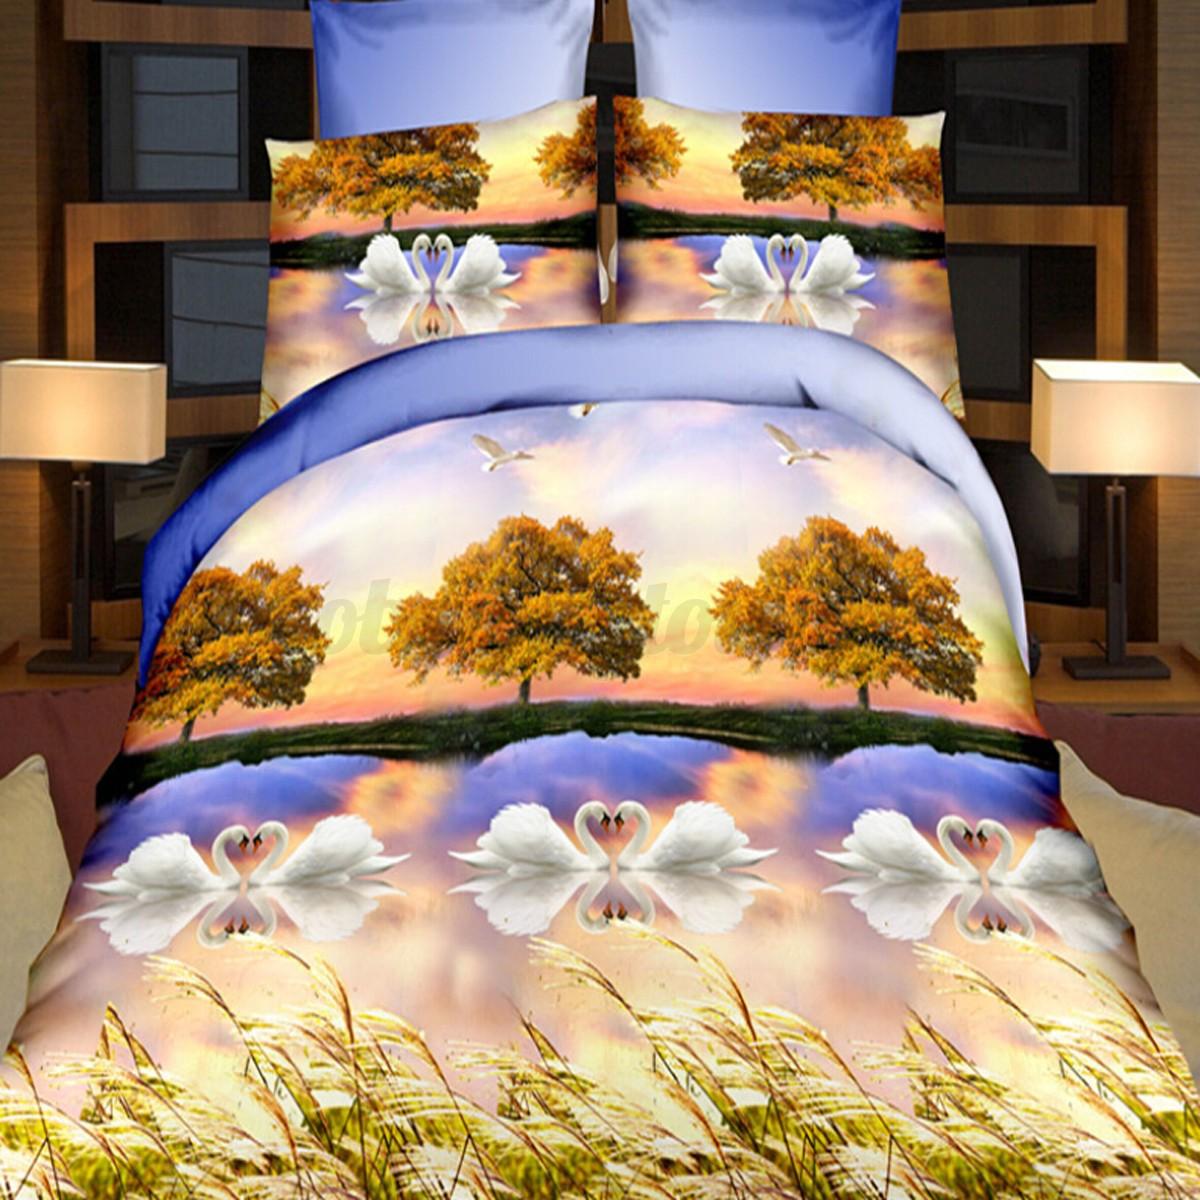 3d cr atif parure de lit couvre lit housse de couette taies oreiller lit draps ebay. Black Bedroom Furniture Sets. Home Design Ideas